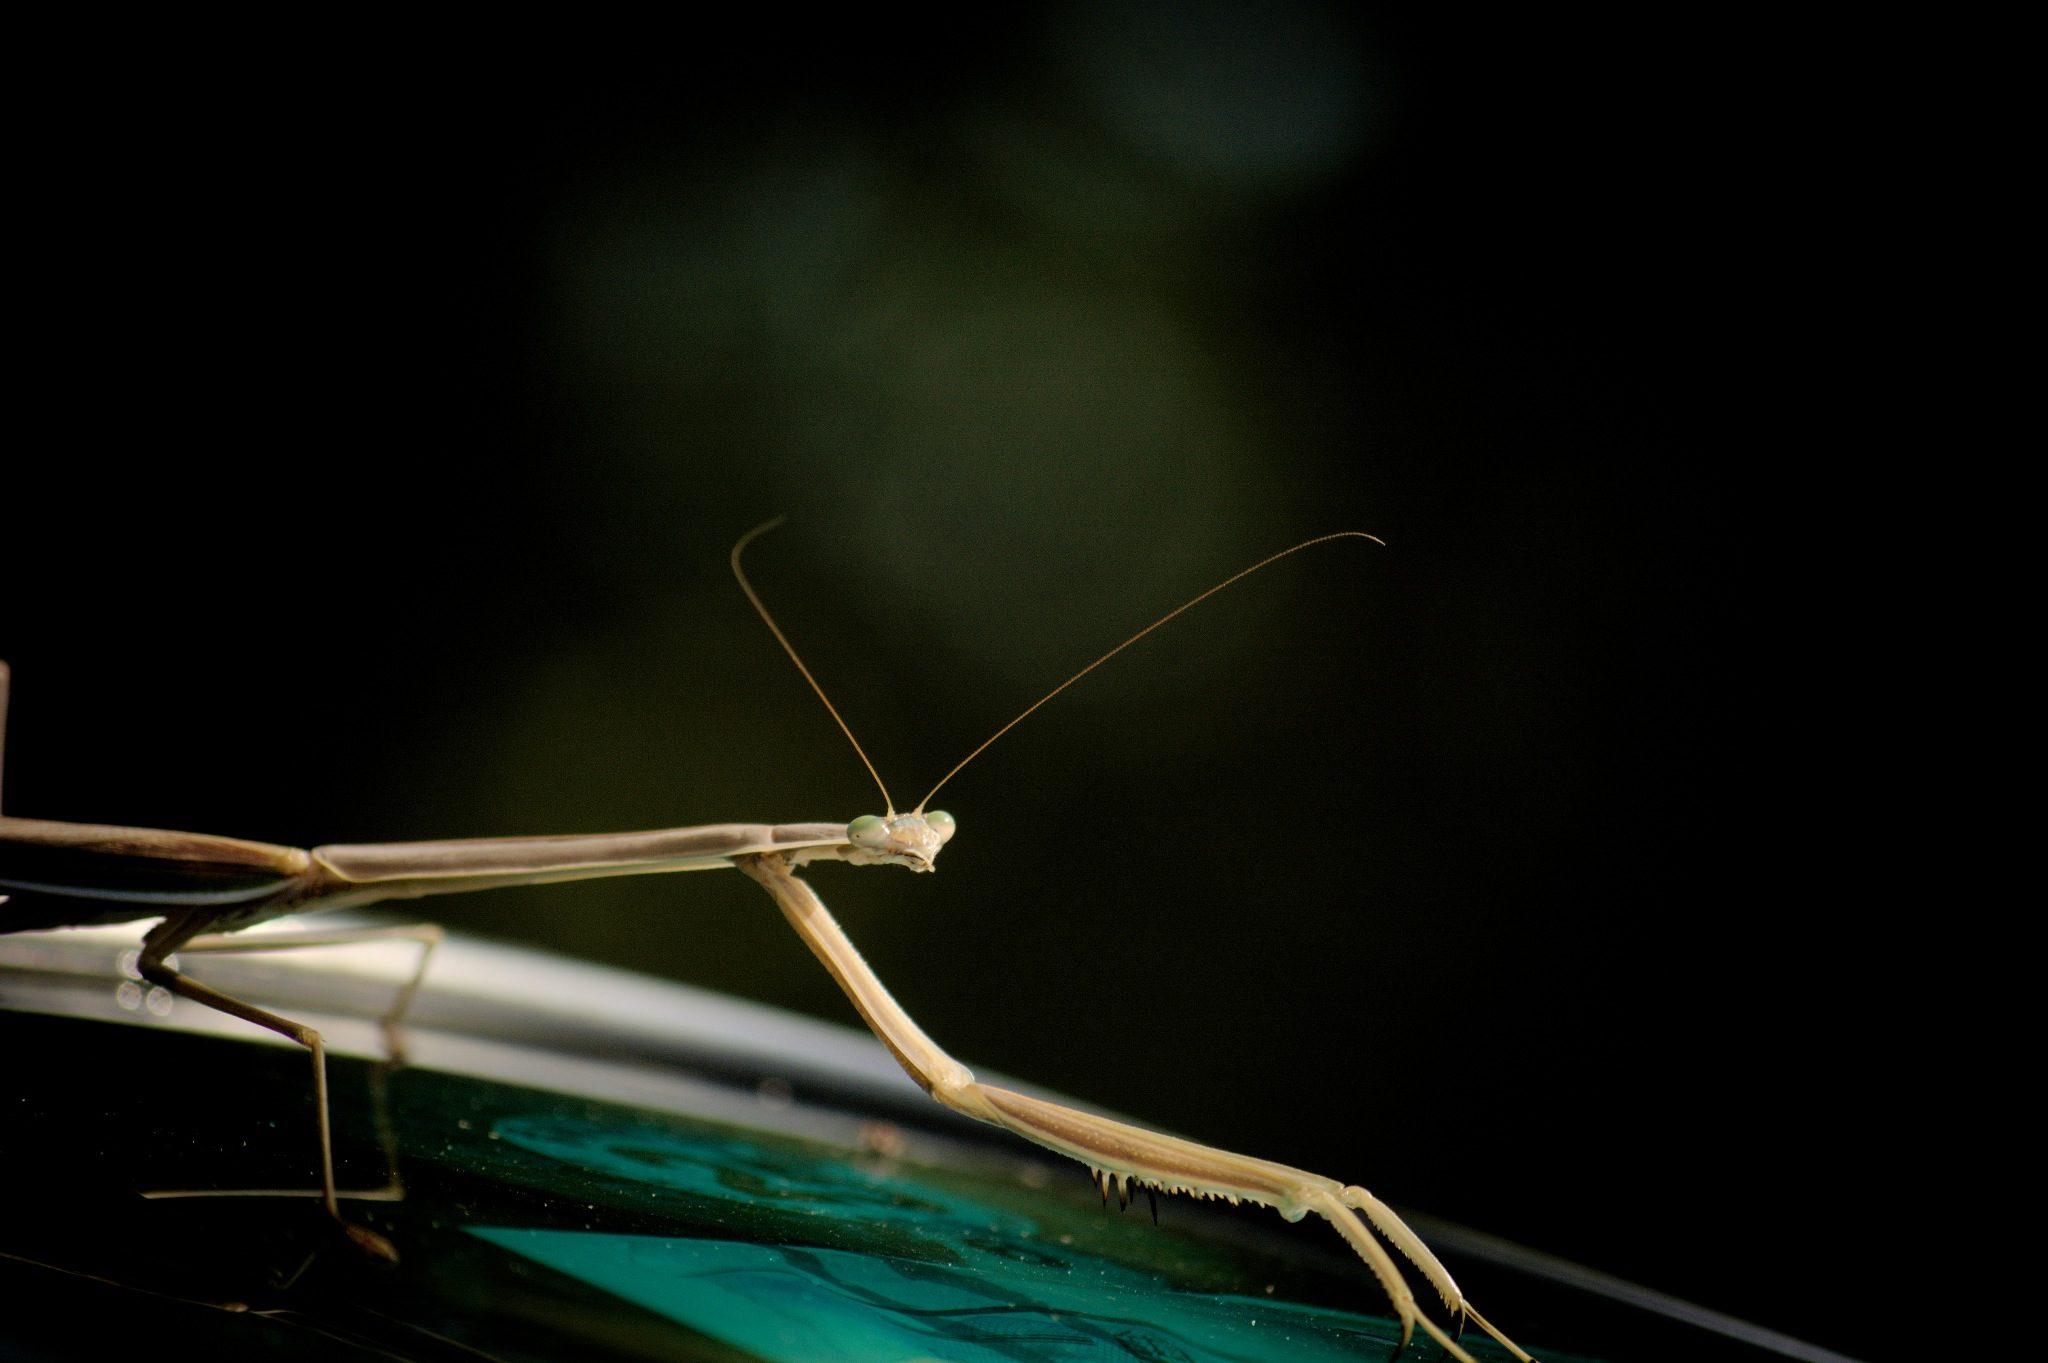 Mantis, religiosa, insetto, bug, antenne - Sfondi HD - Professor-falken.com